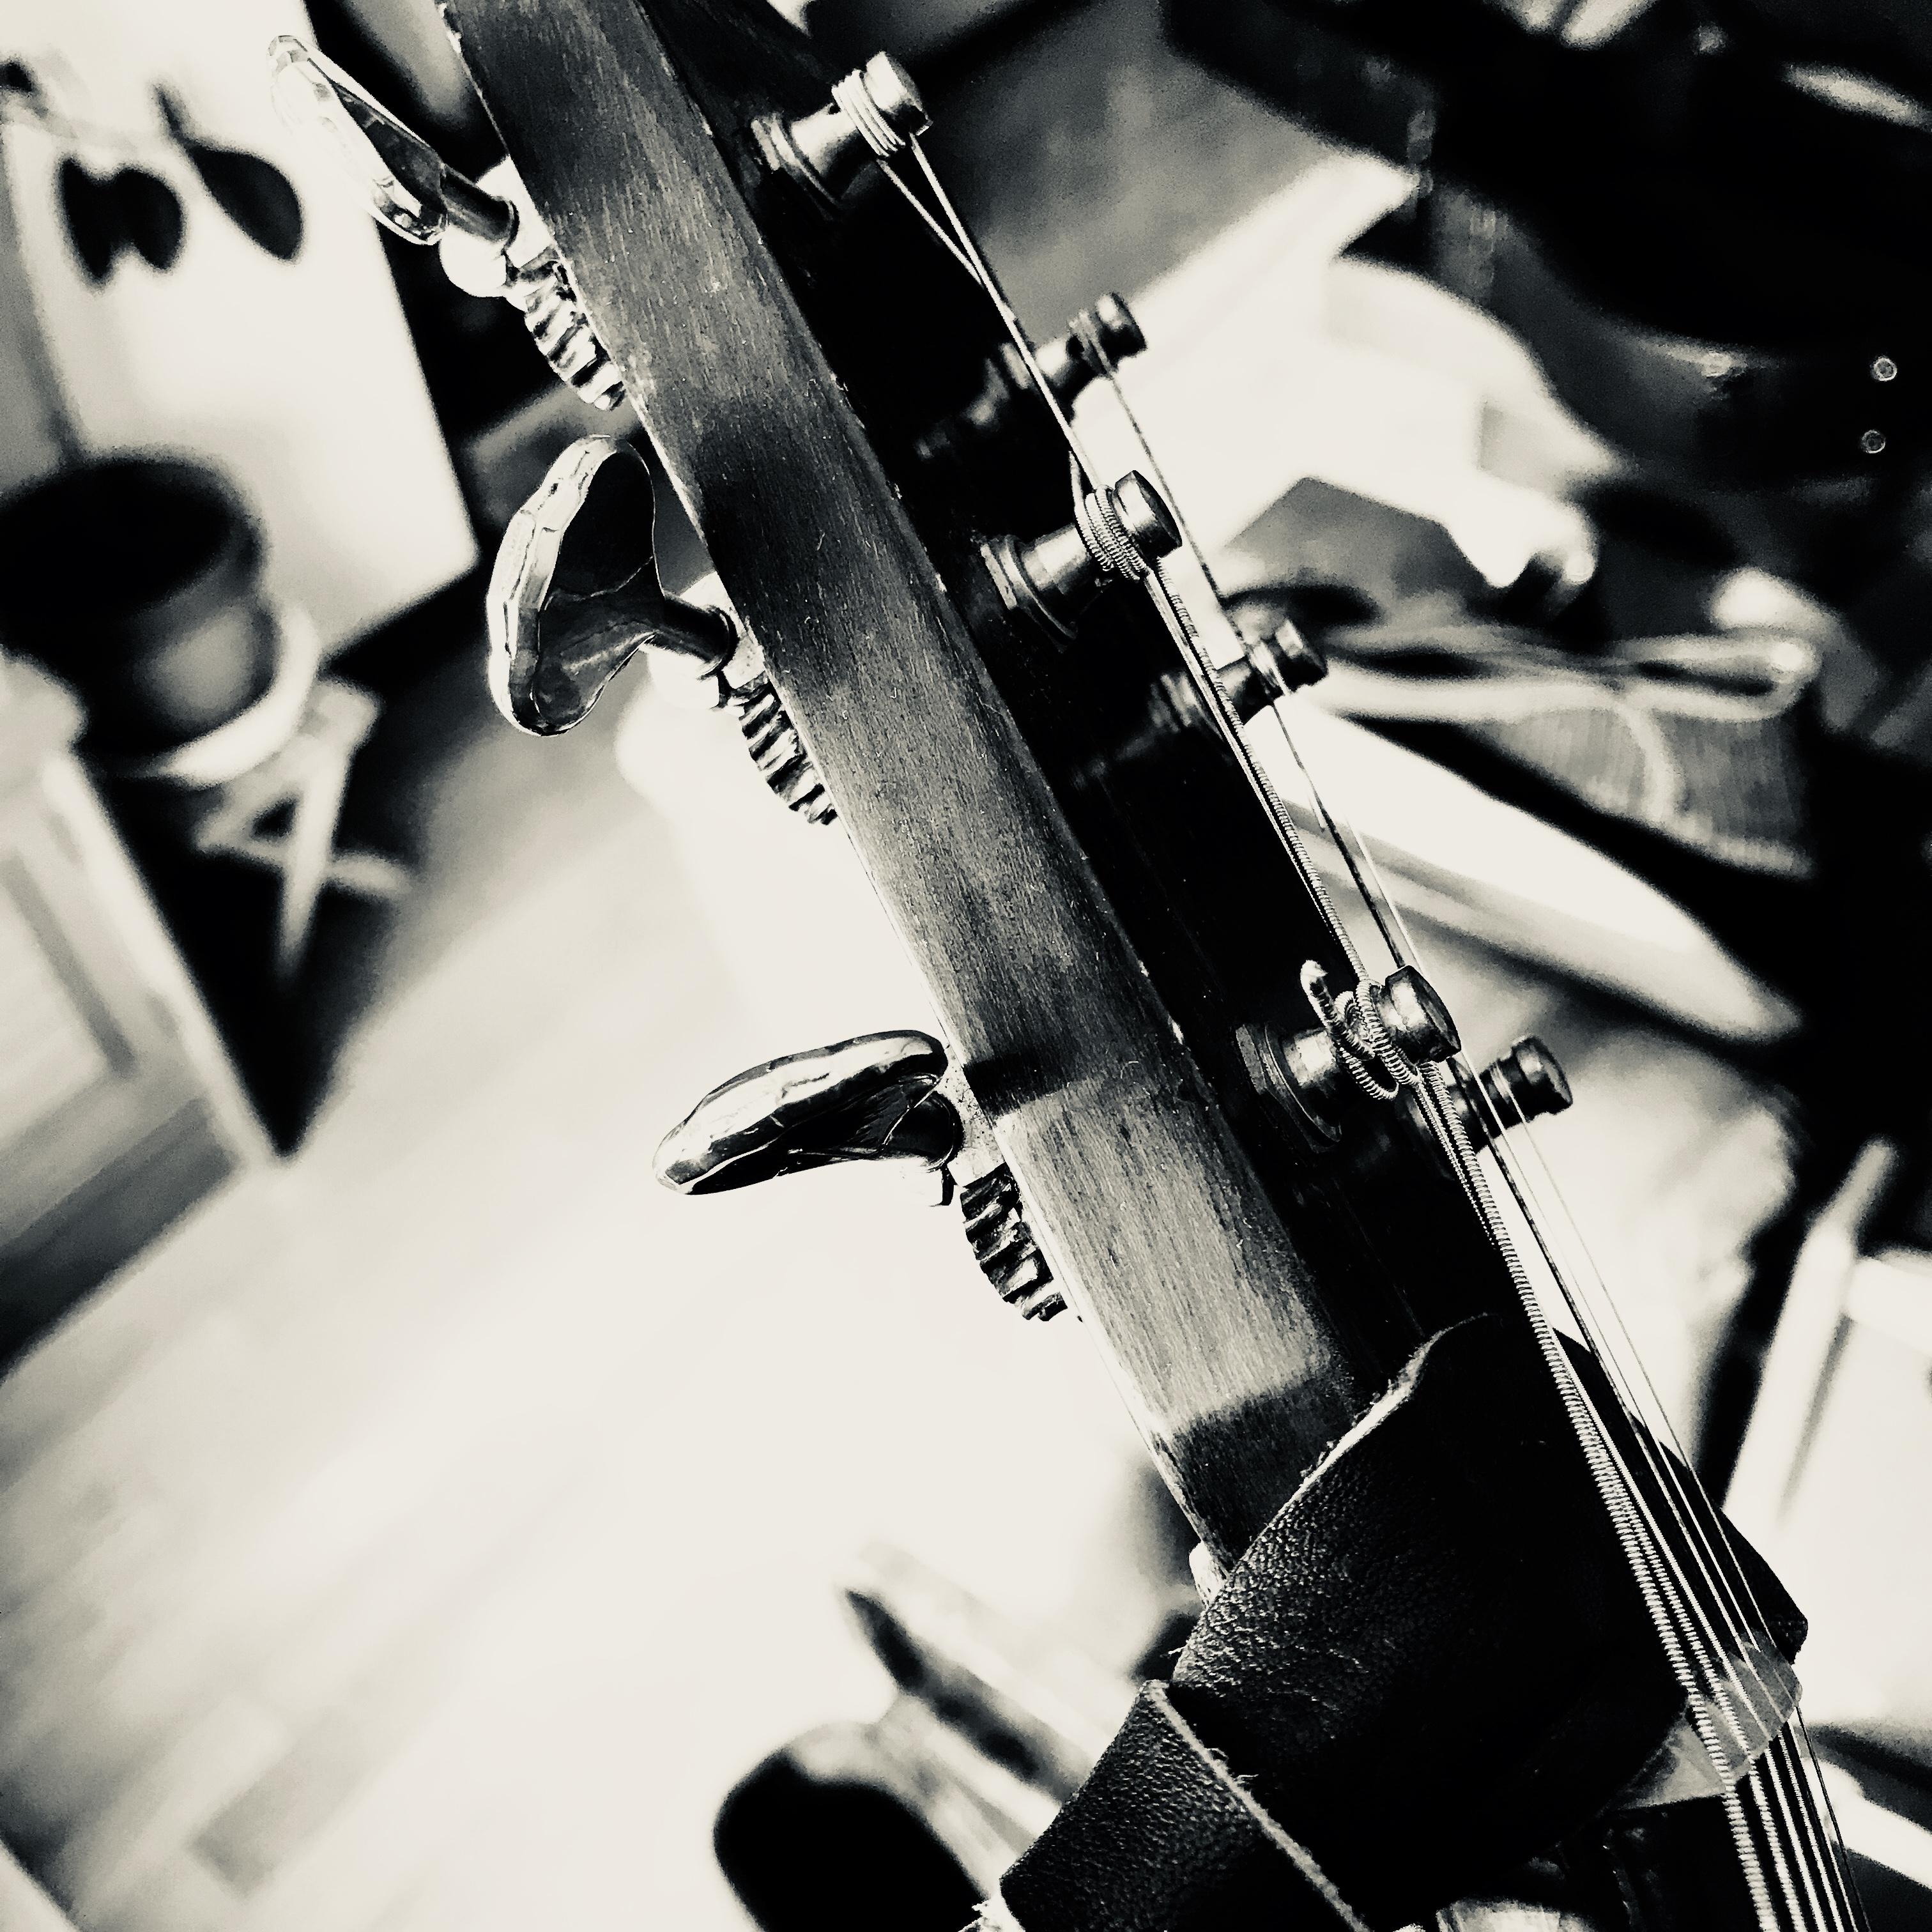 ギターのヘッドの写真